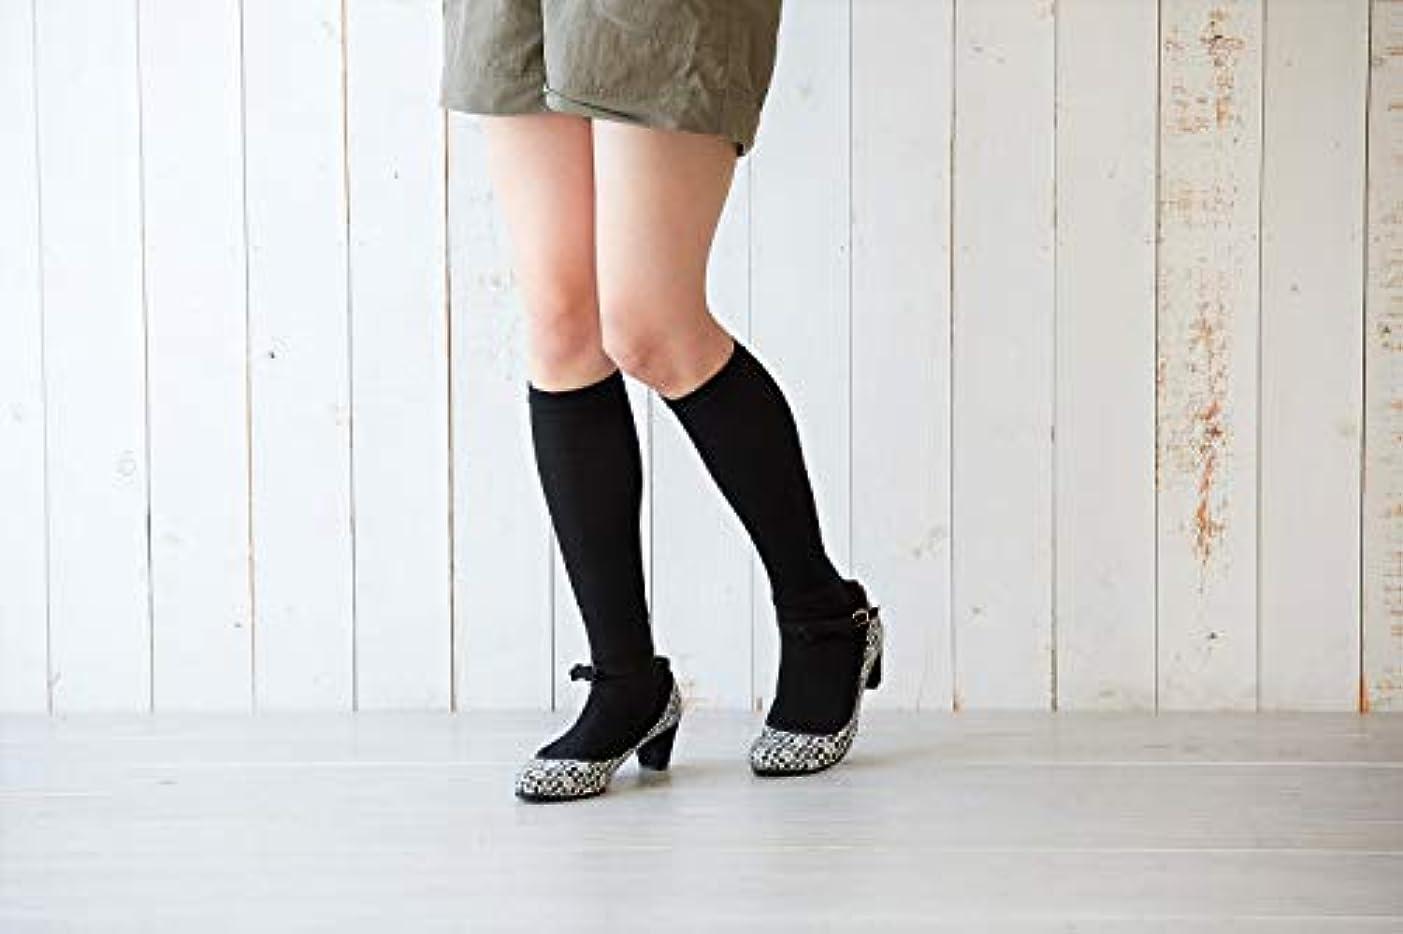 ランチョン誘う修正する美脚 綿 着圧ソックス 薄手 23-25cm 3足組 足の疲れ むくみ 対策 太陽ニット N1013P (ベージュ)